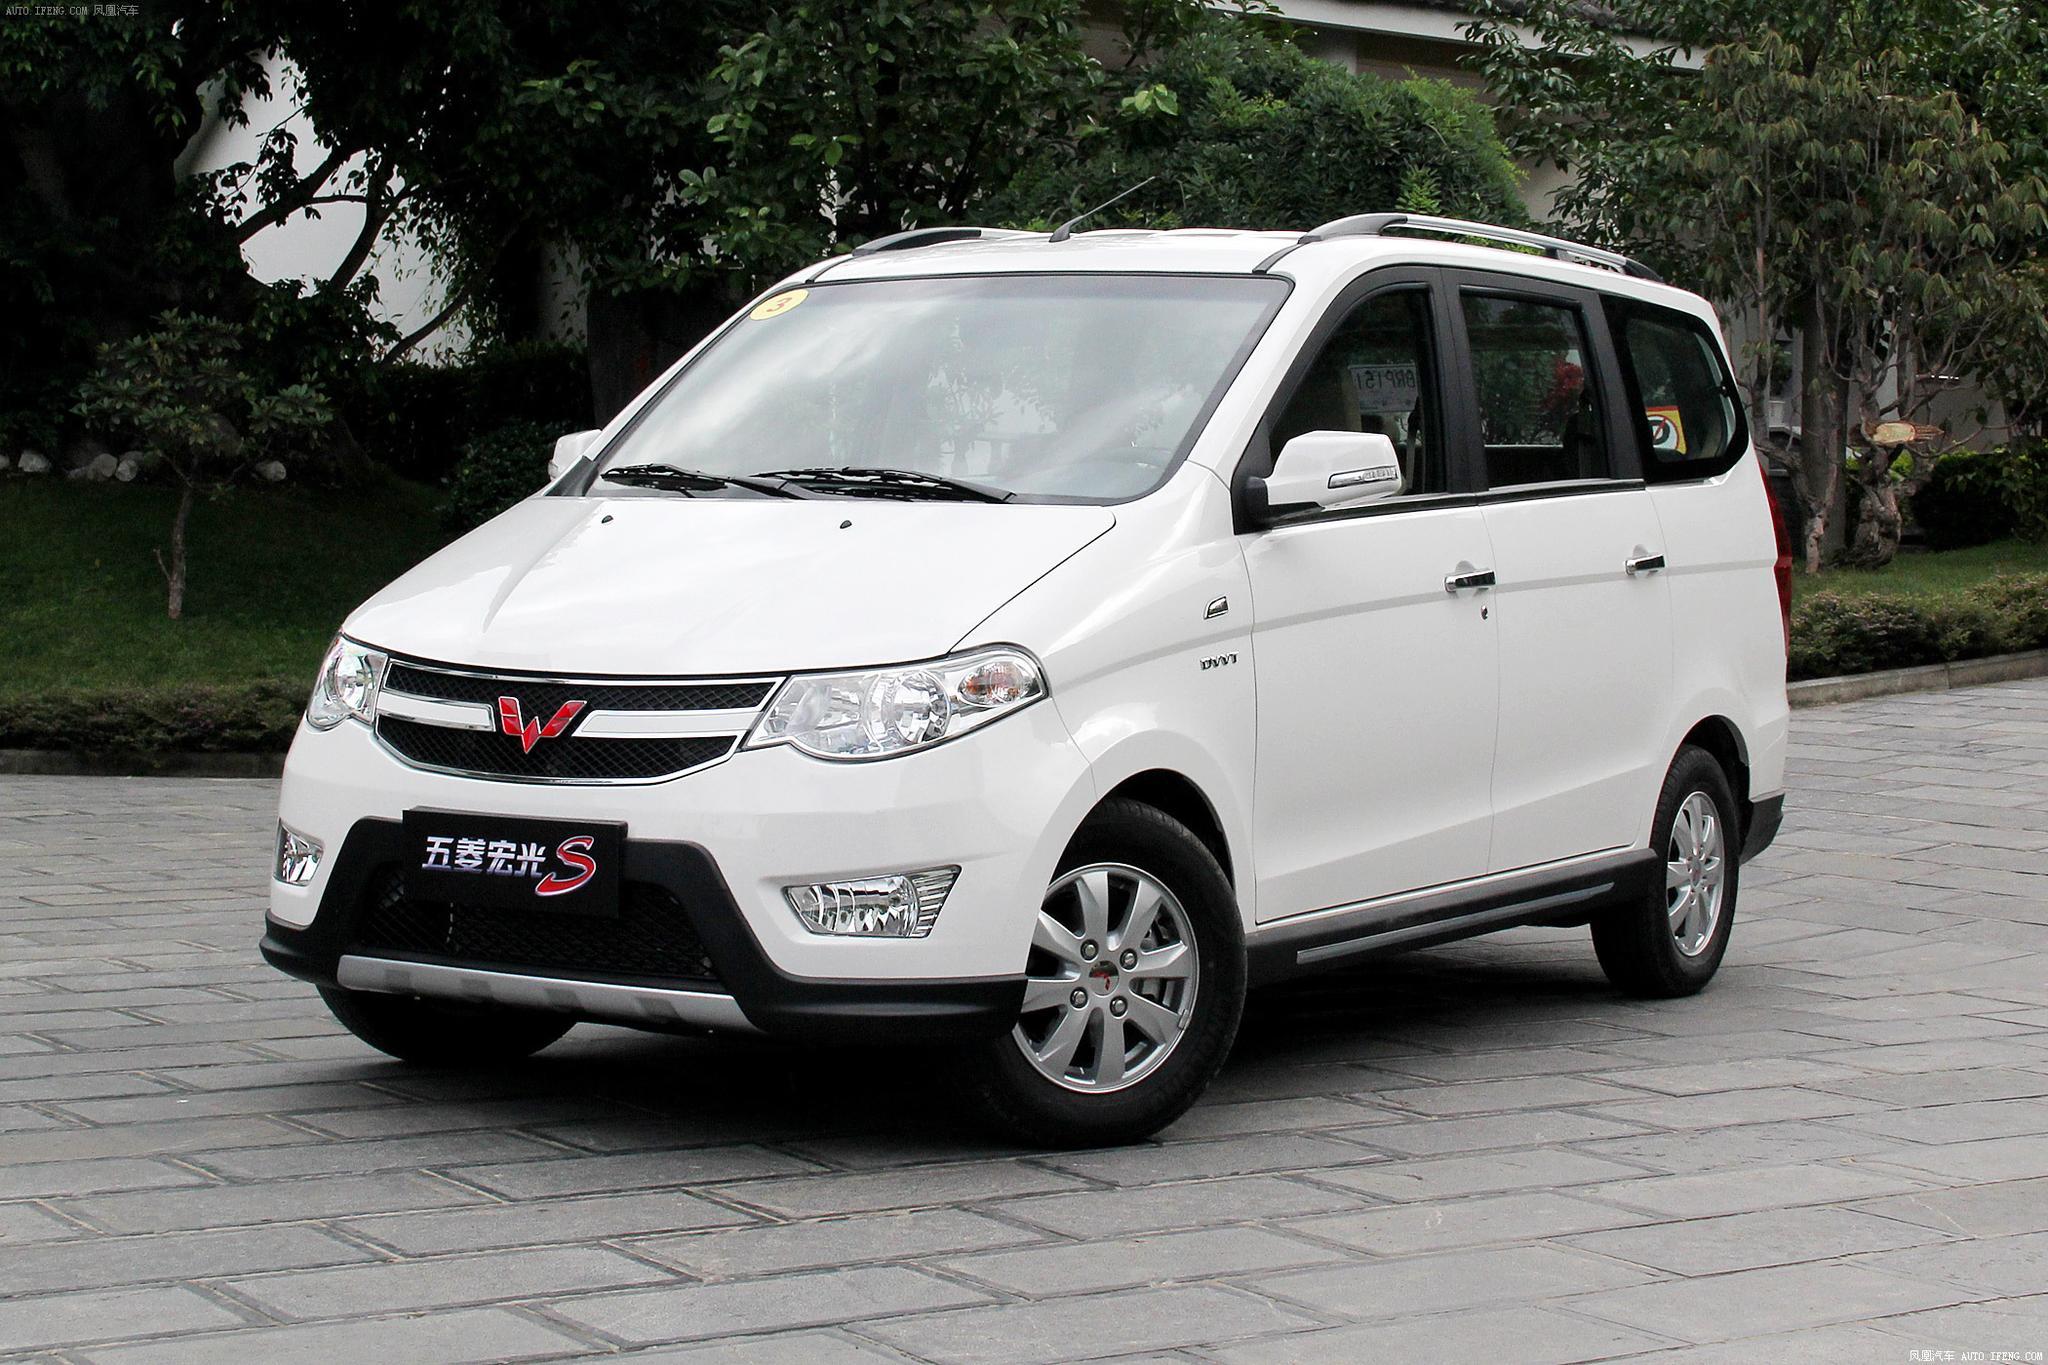 五菱宏光新款车型来了,前脸酷似路虎揽胜,搭载1.5T引擎